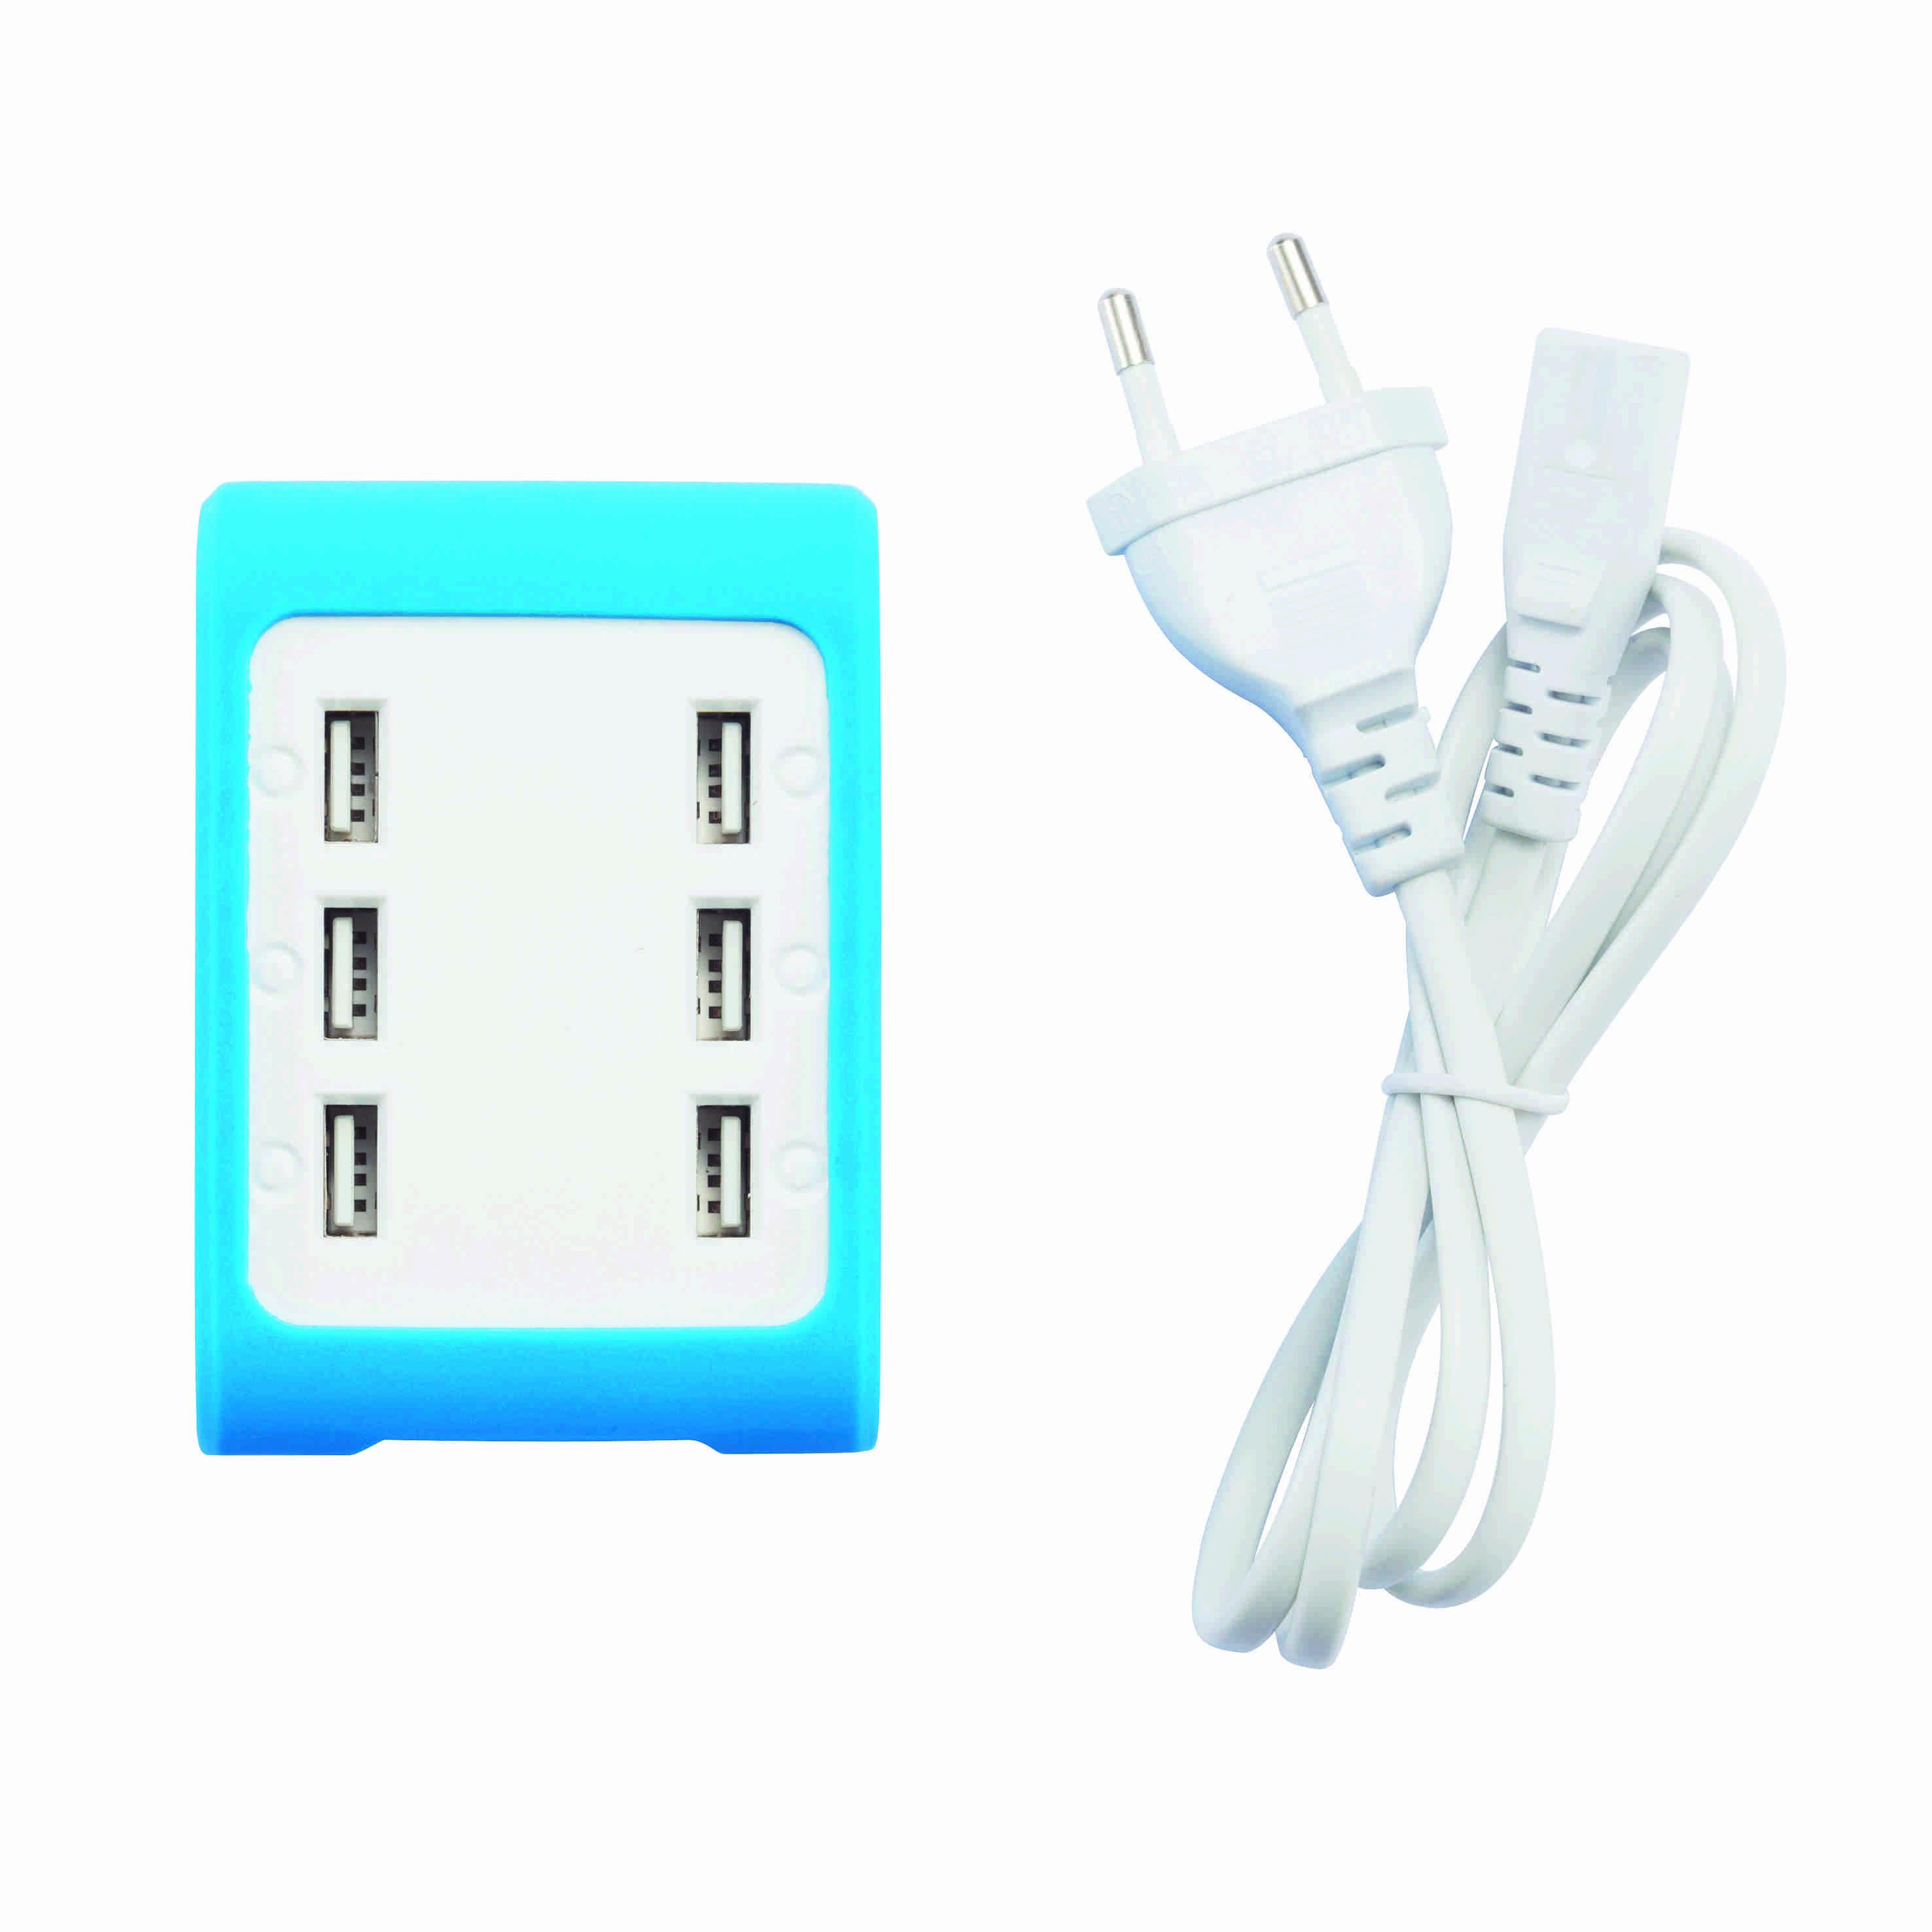 Station de recharge publicitaire 6 ports USB TOP vert